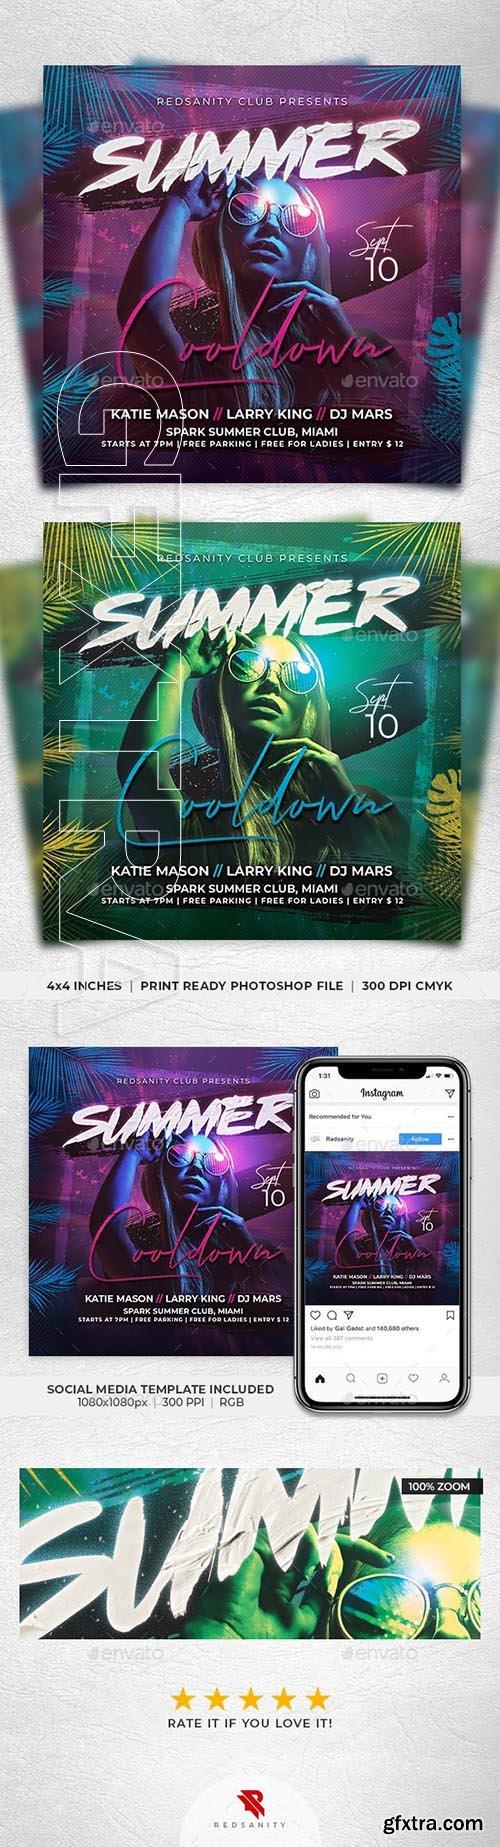 GraphicRiver - Summer Cooldown Flyer 24523463